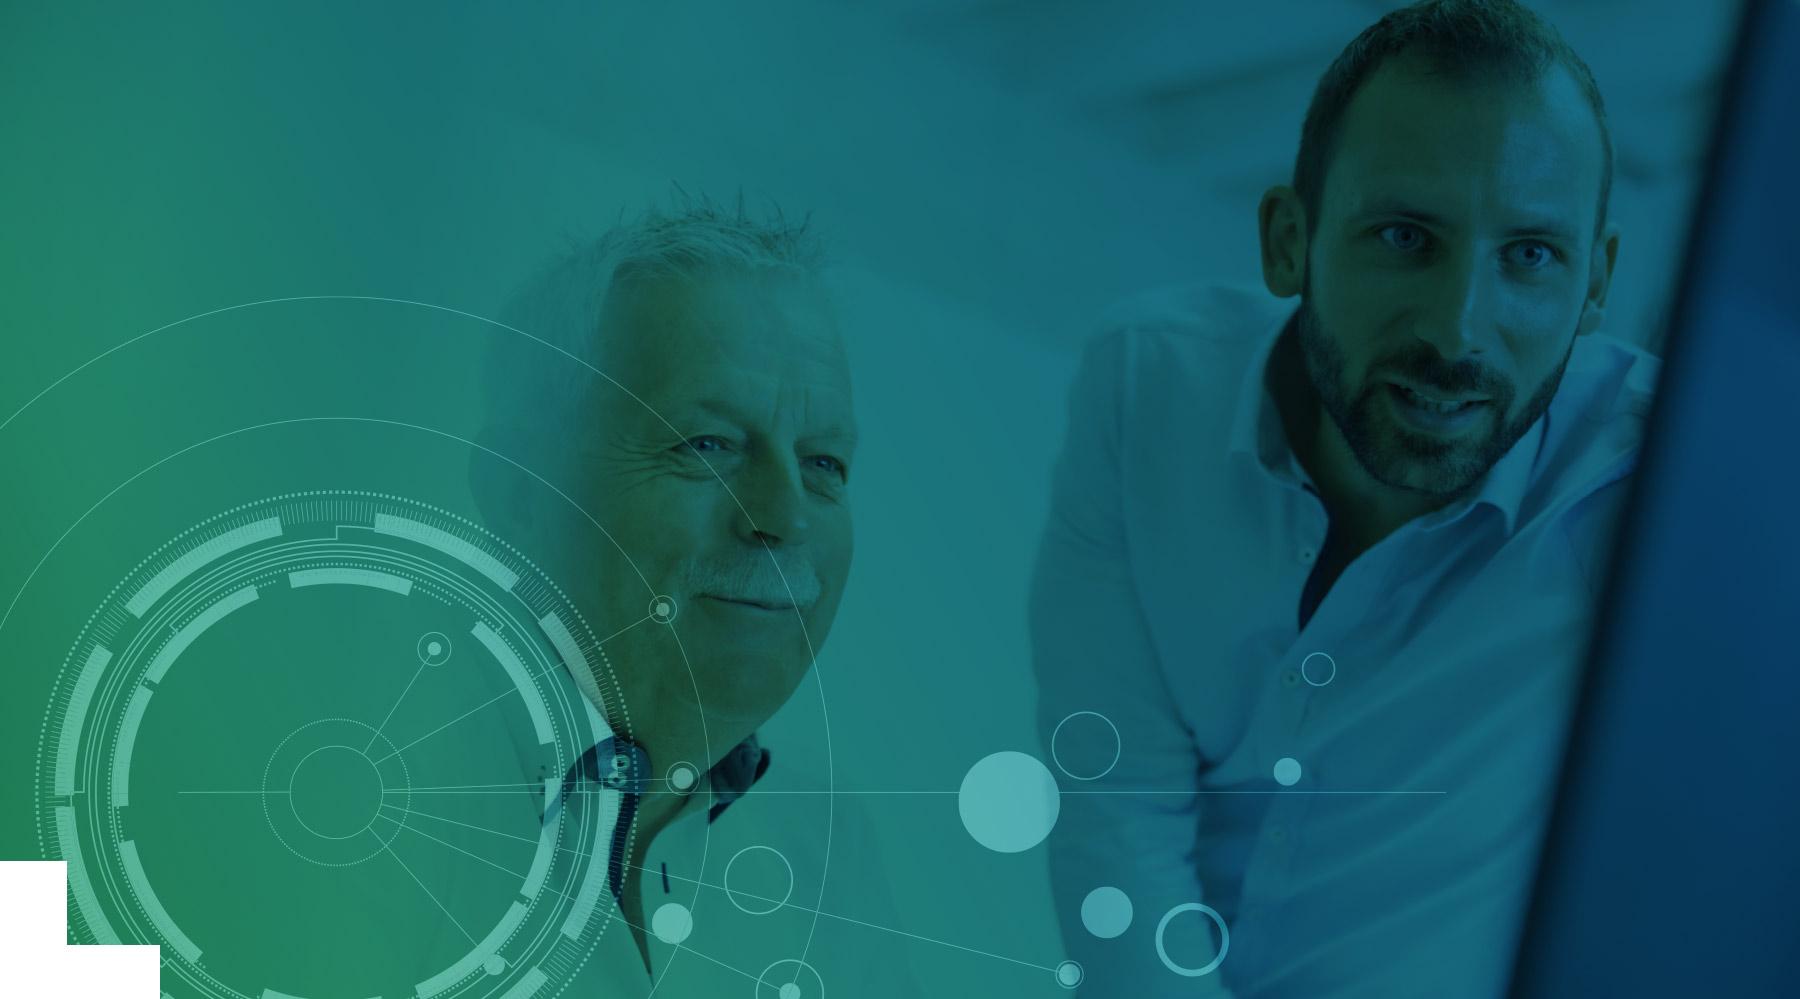 Zwei Ansprechpartner von Effeqt besprechen Data Integration an einem Bildschirm